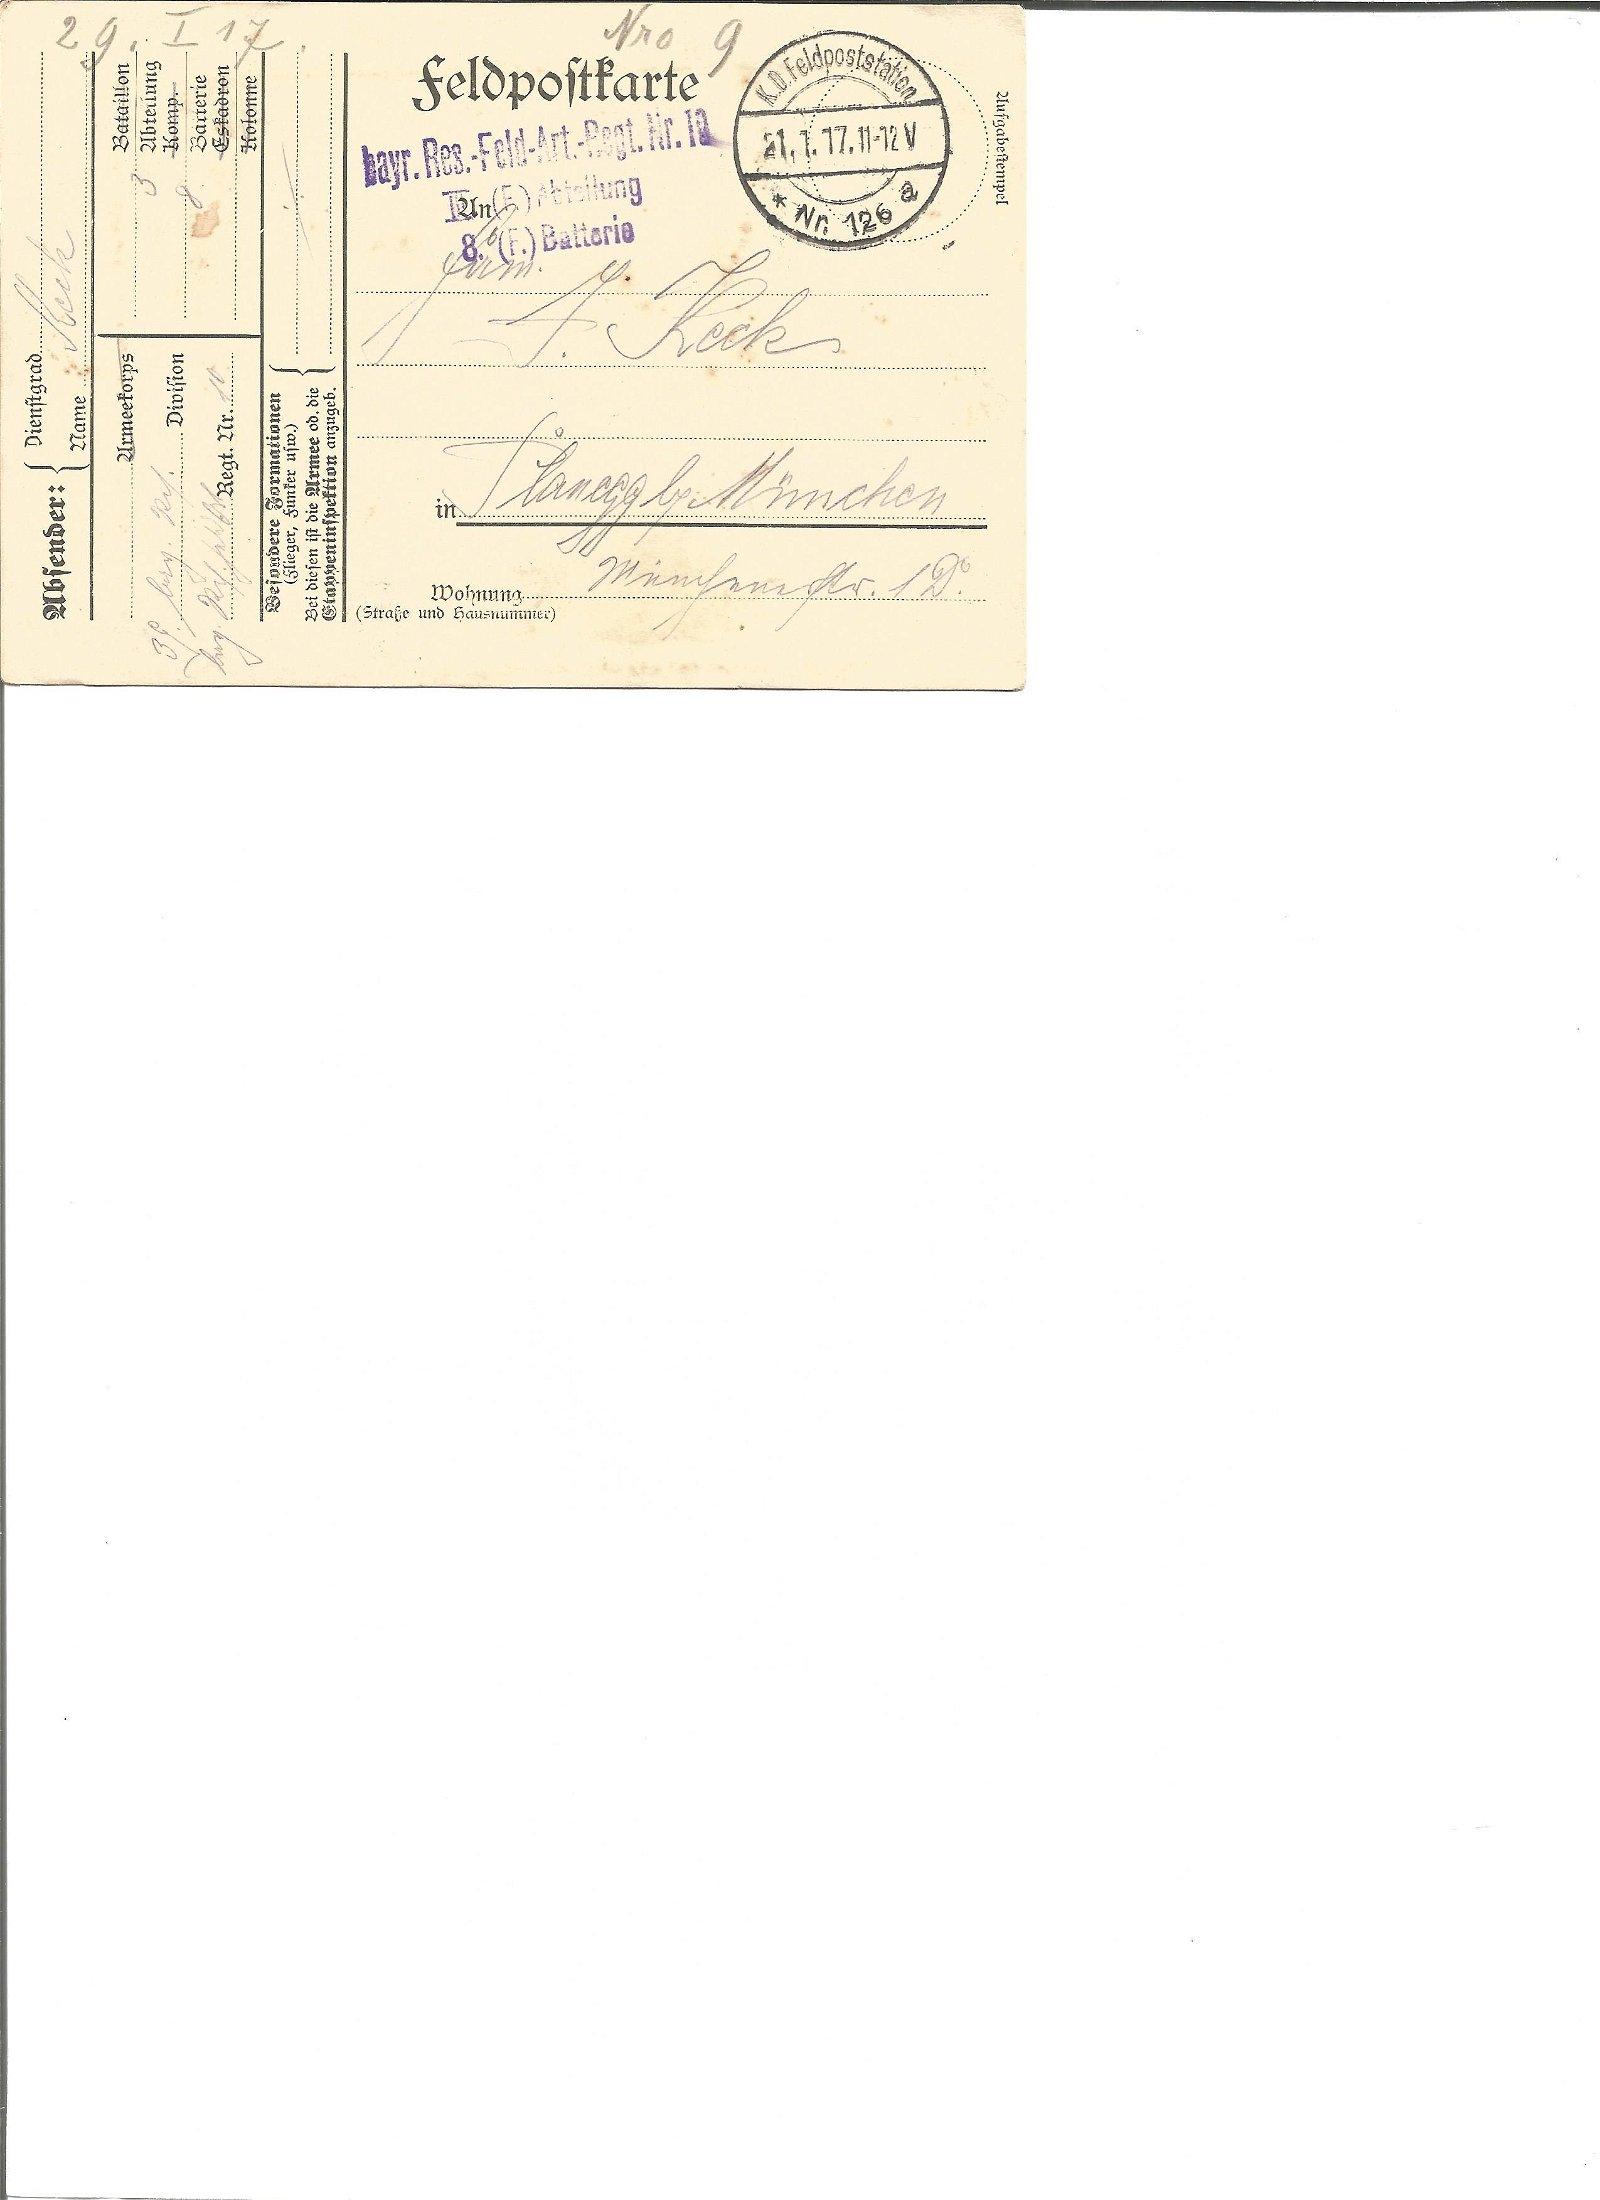 Great War Feldpofttarte postal history, Postmarked